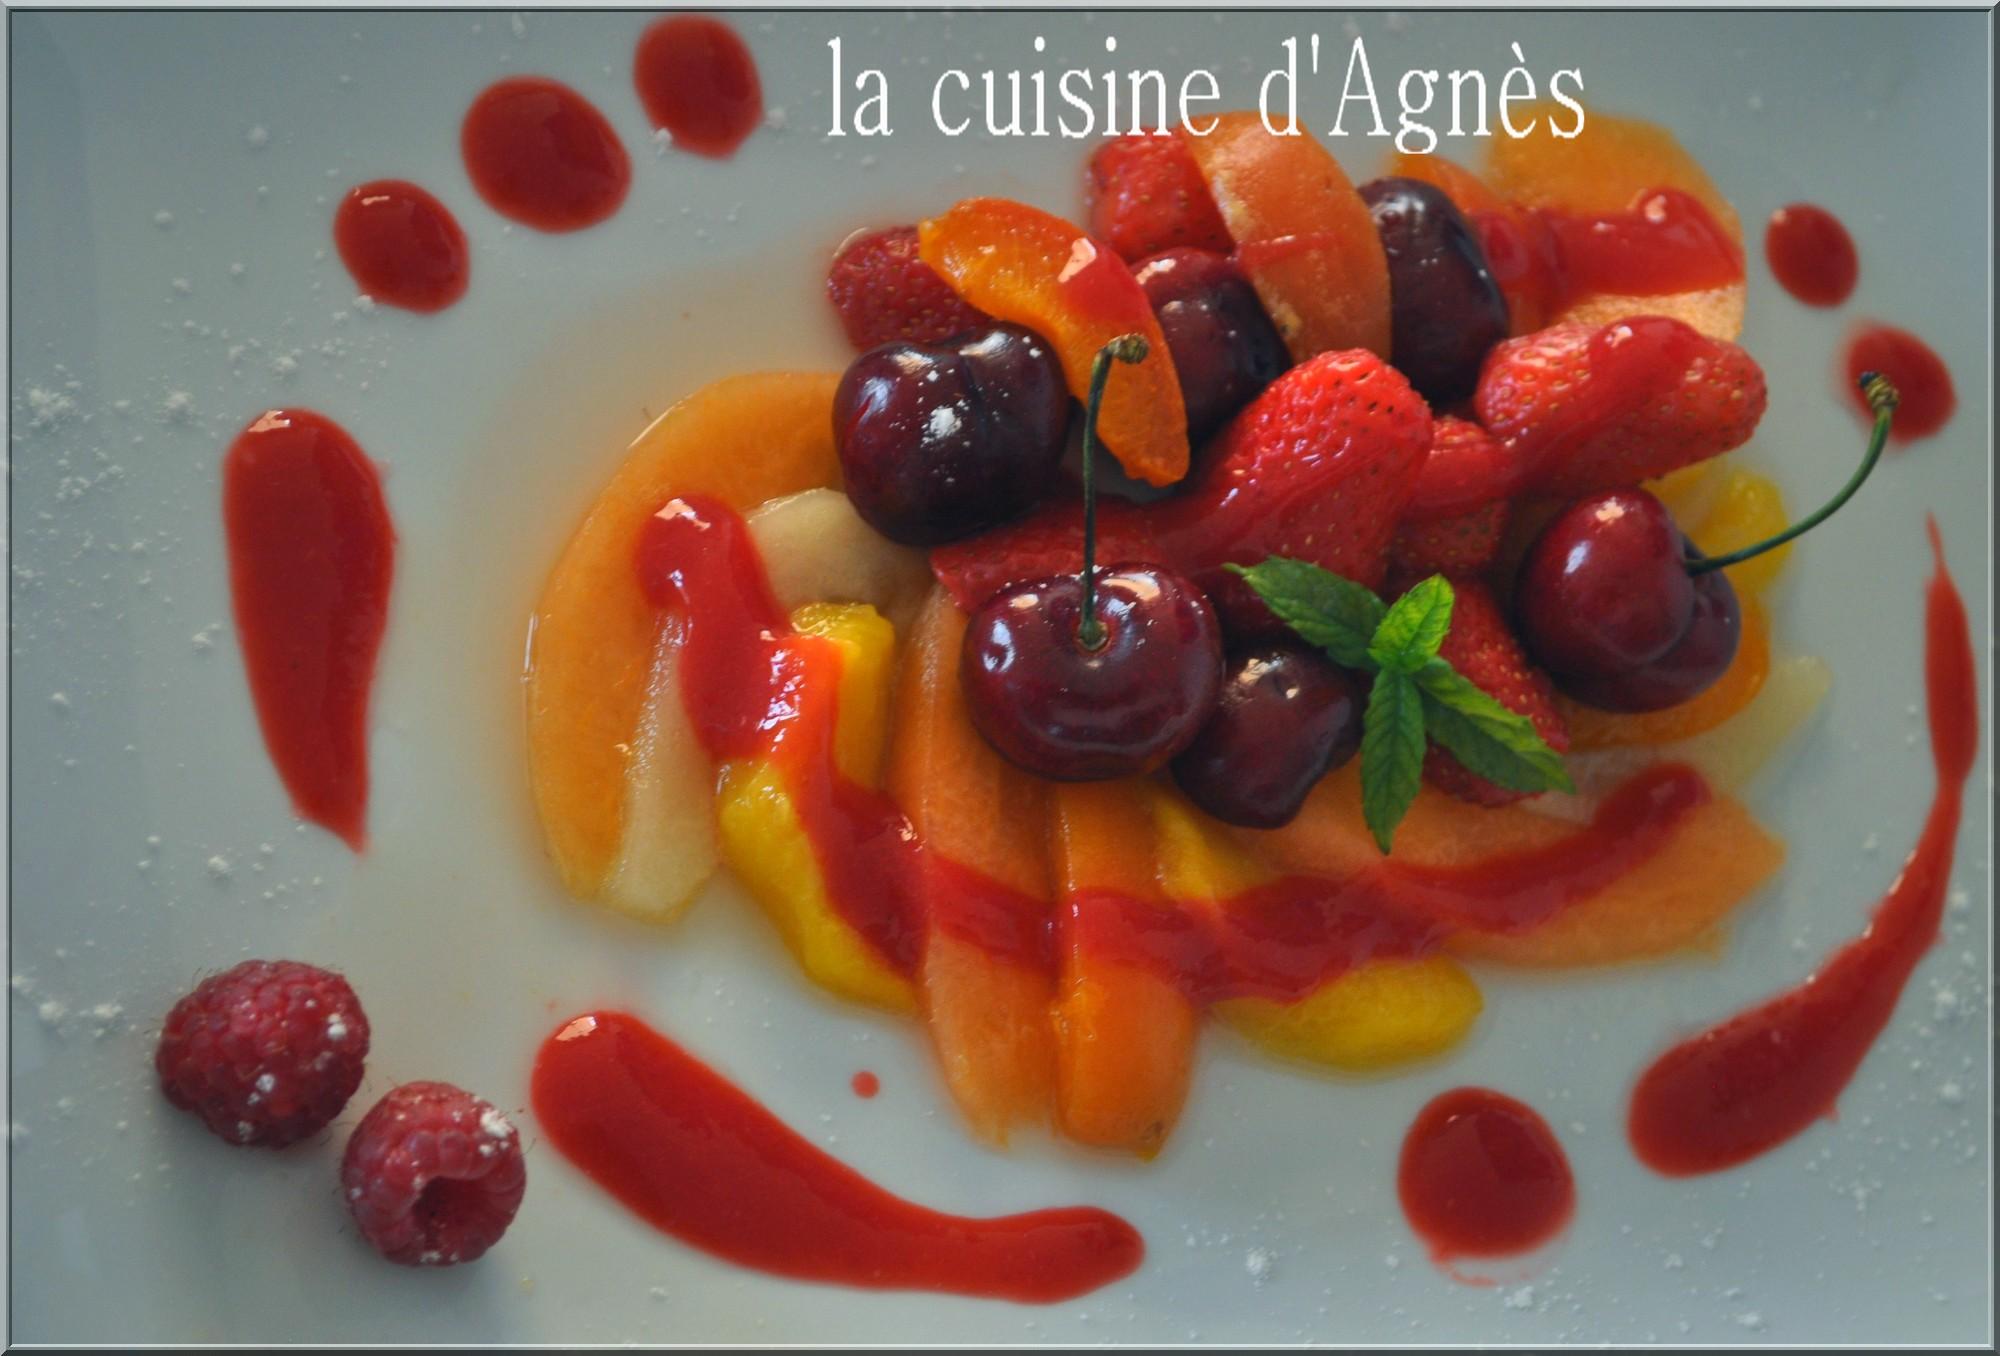 salade de fruits frais pochés au coulis de framboises 3